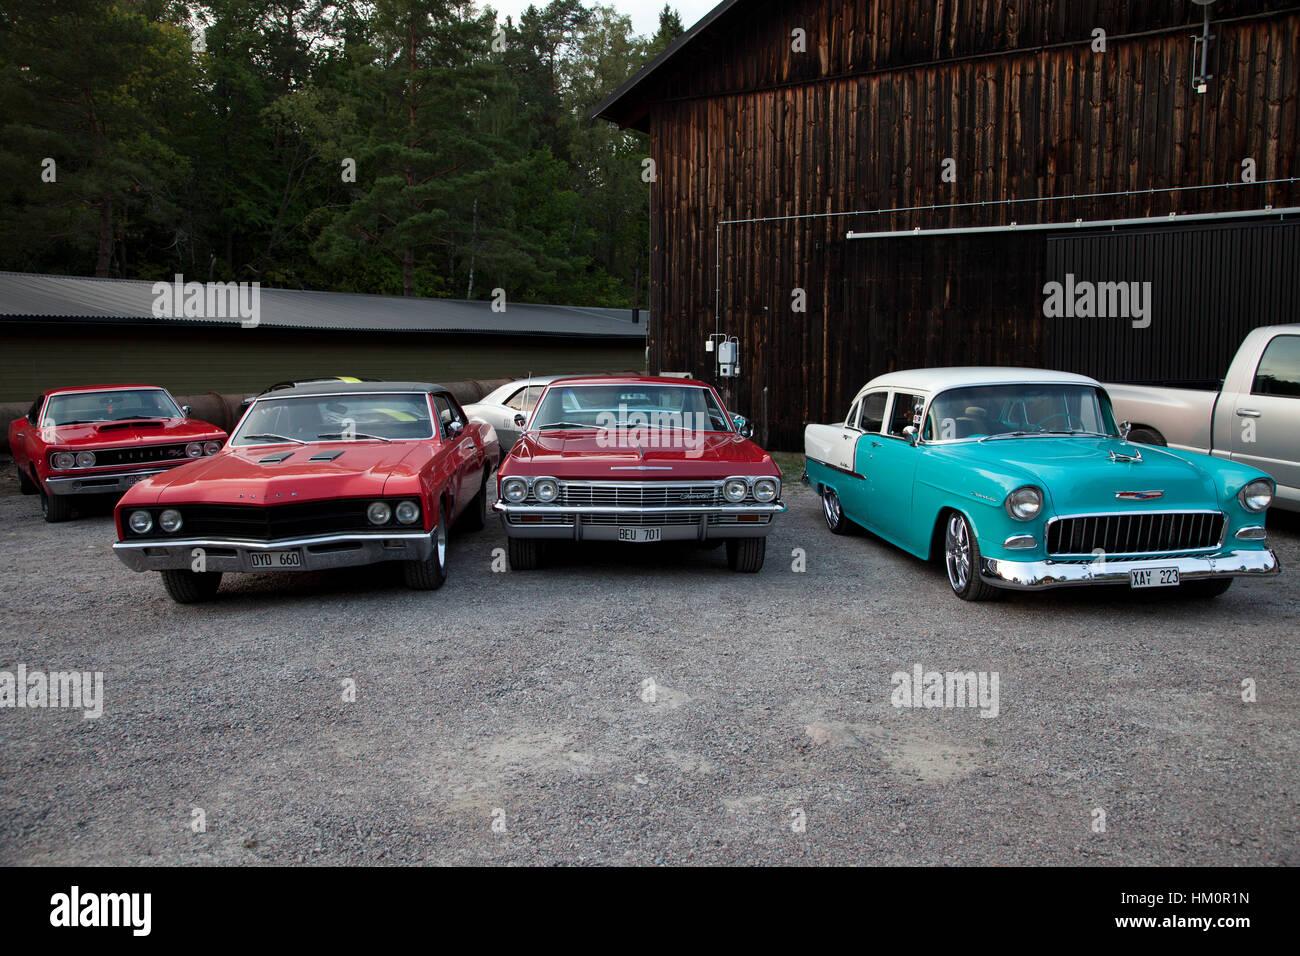 auto treffen mit amerikanischen muscle-cars in schweden stockfoto